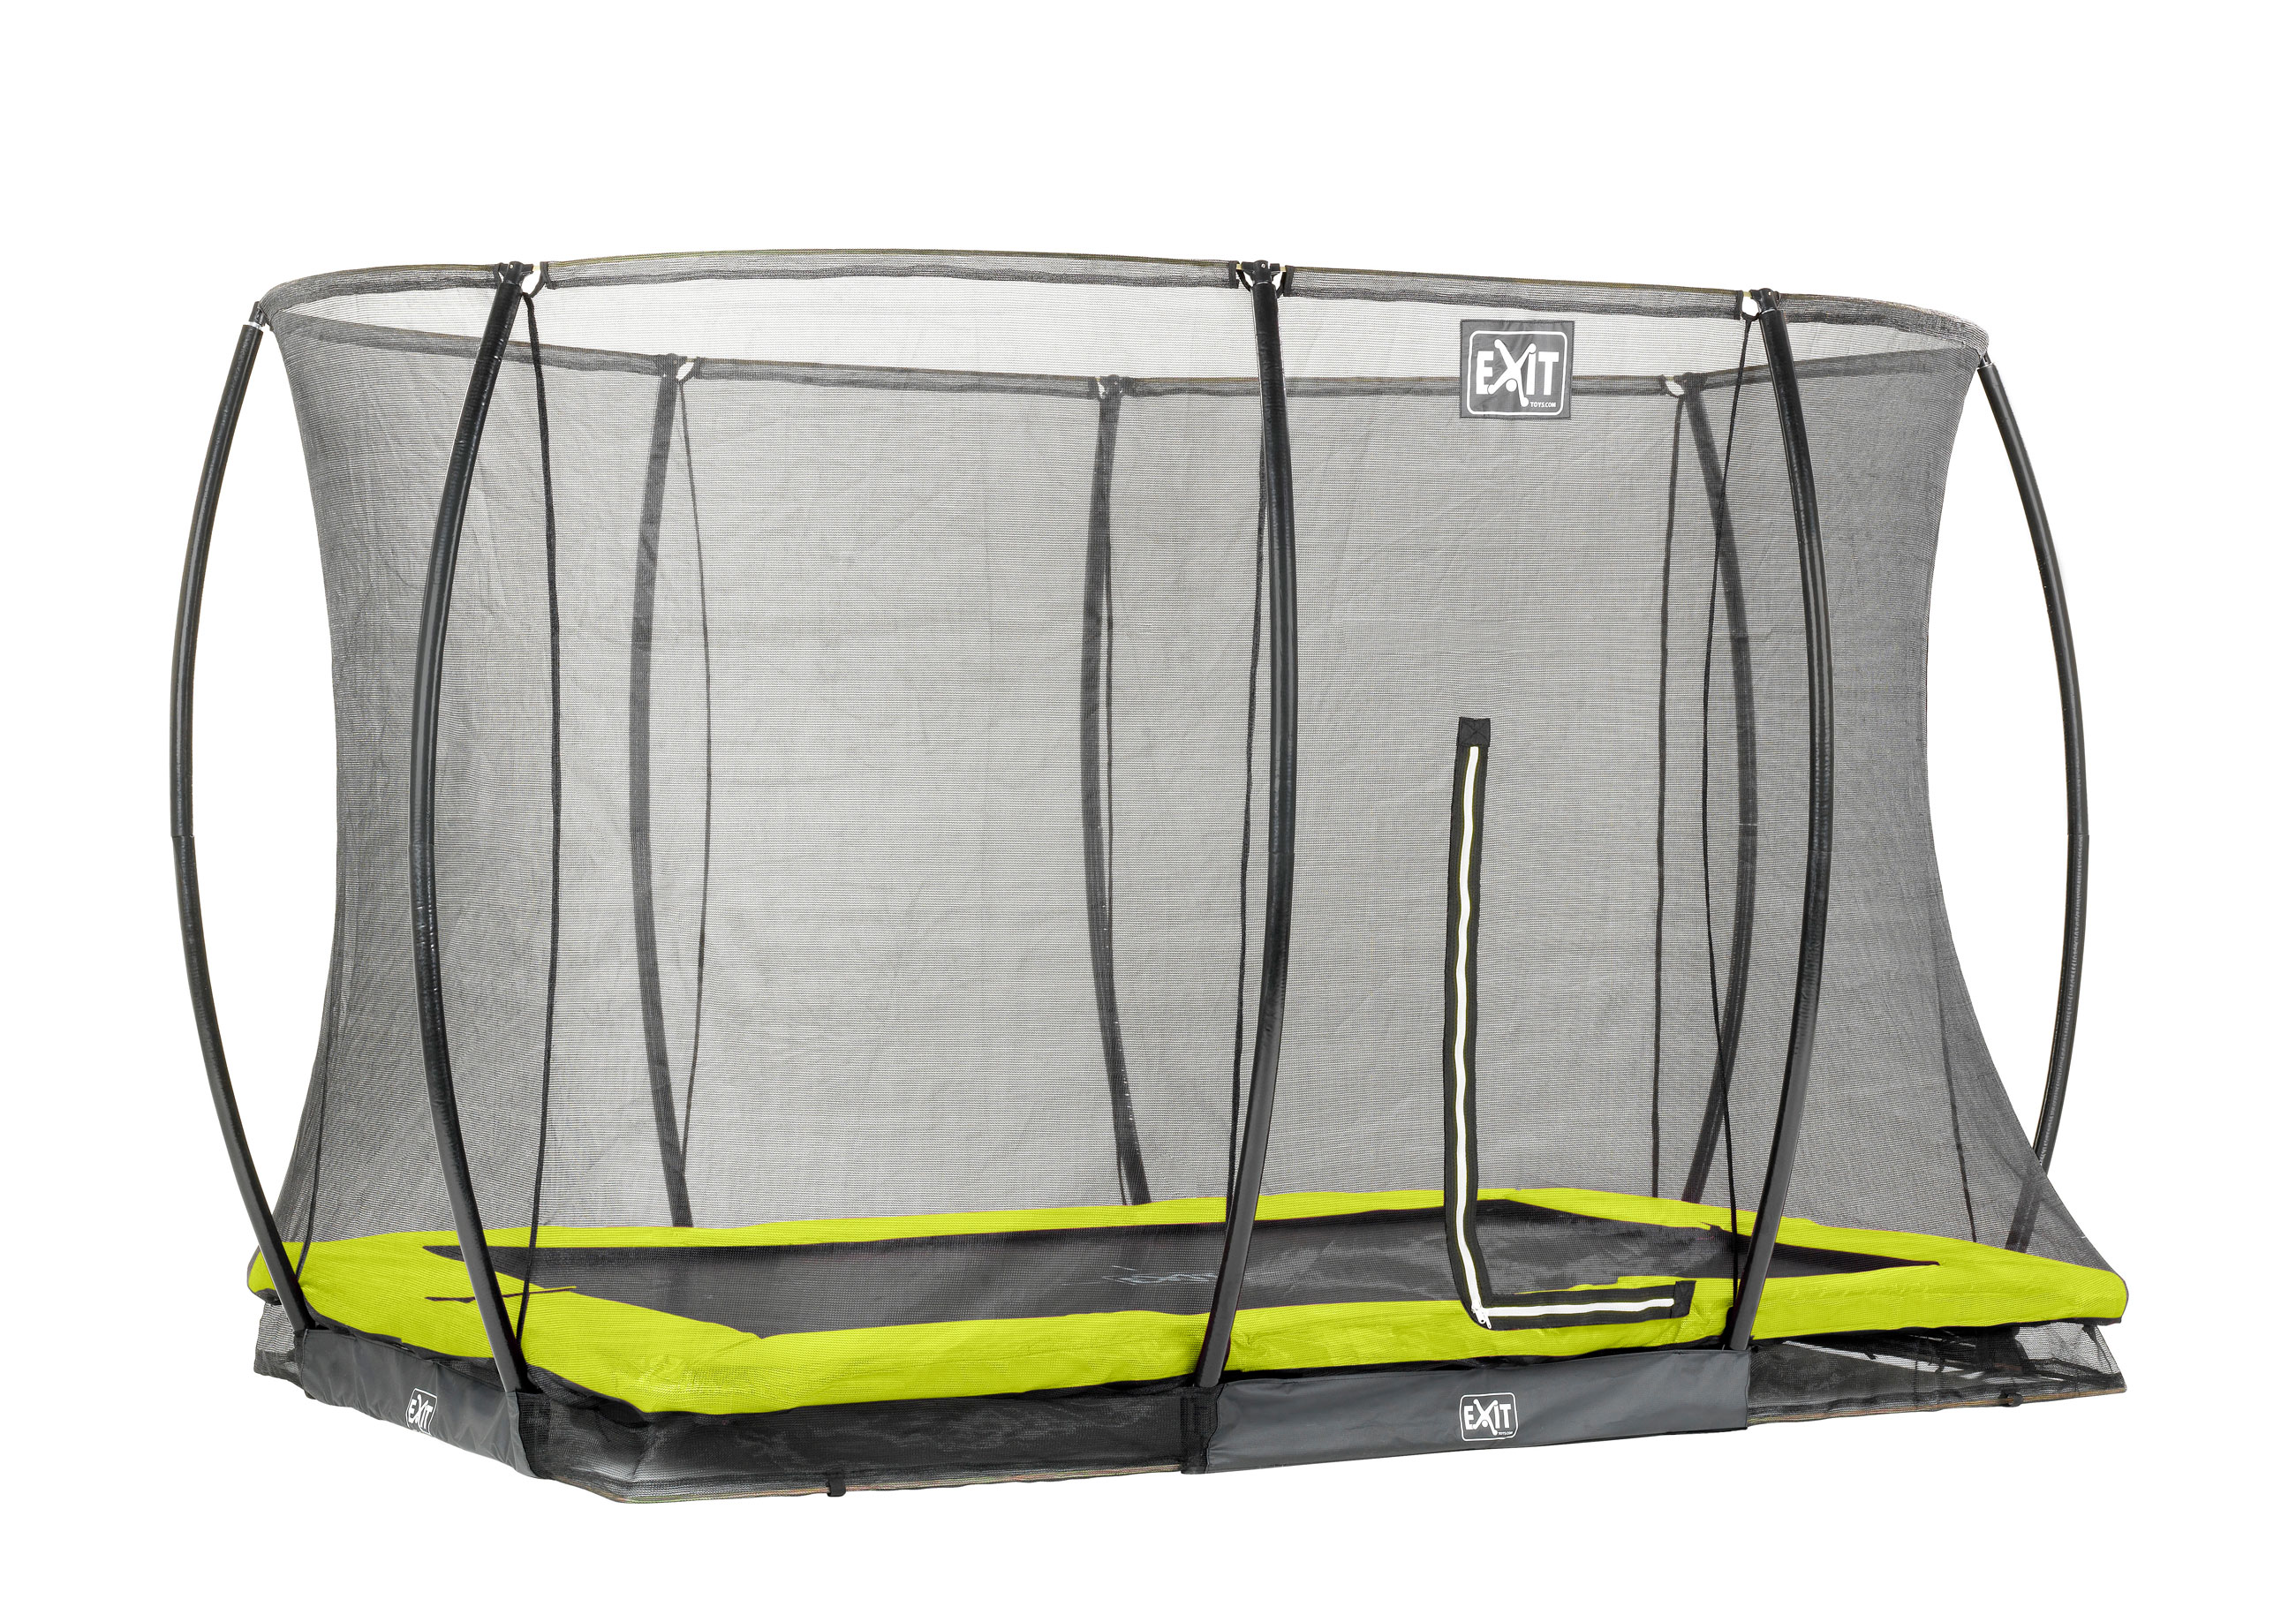 Trampolin EXIT Silhouette Ground mit Sicherheitsnetz 244x366cm grün Bild 1